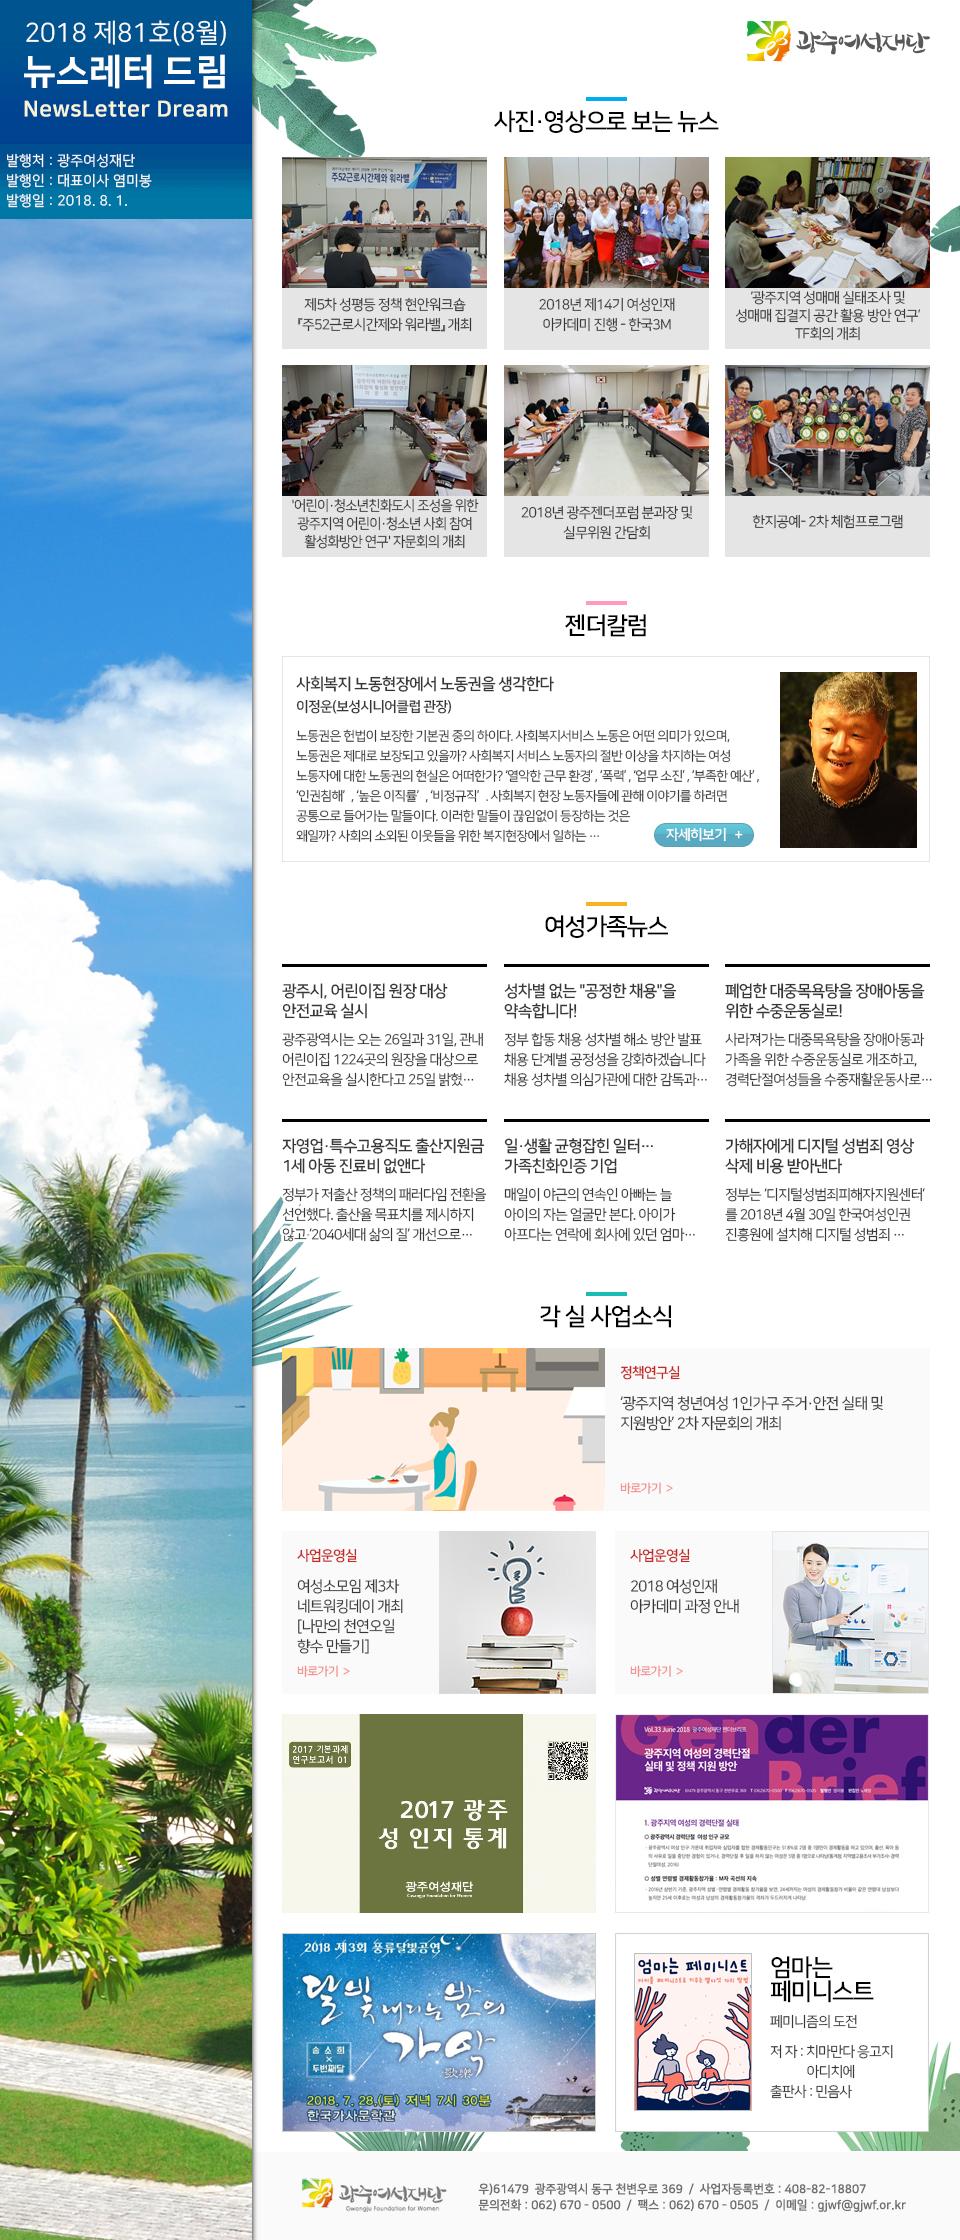 뉴스레터 드림 81호(18.08월) 썸네일